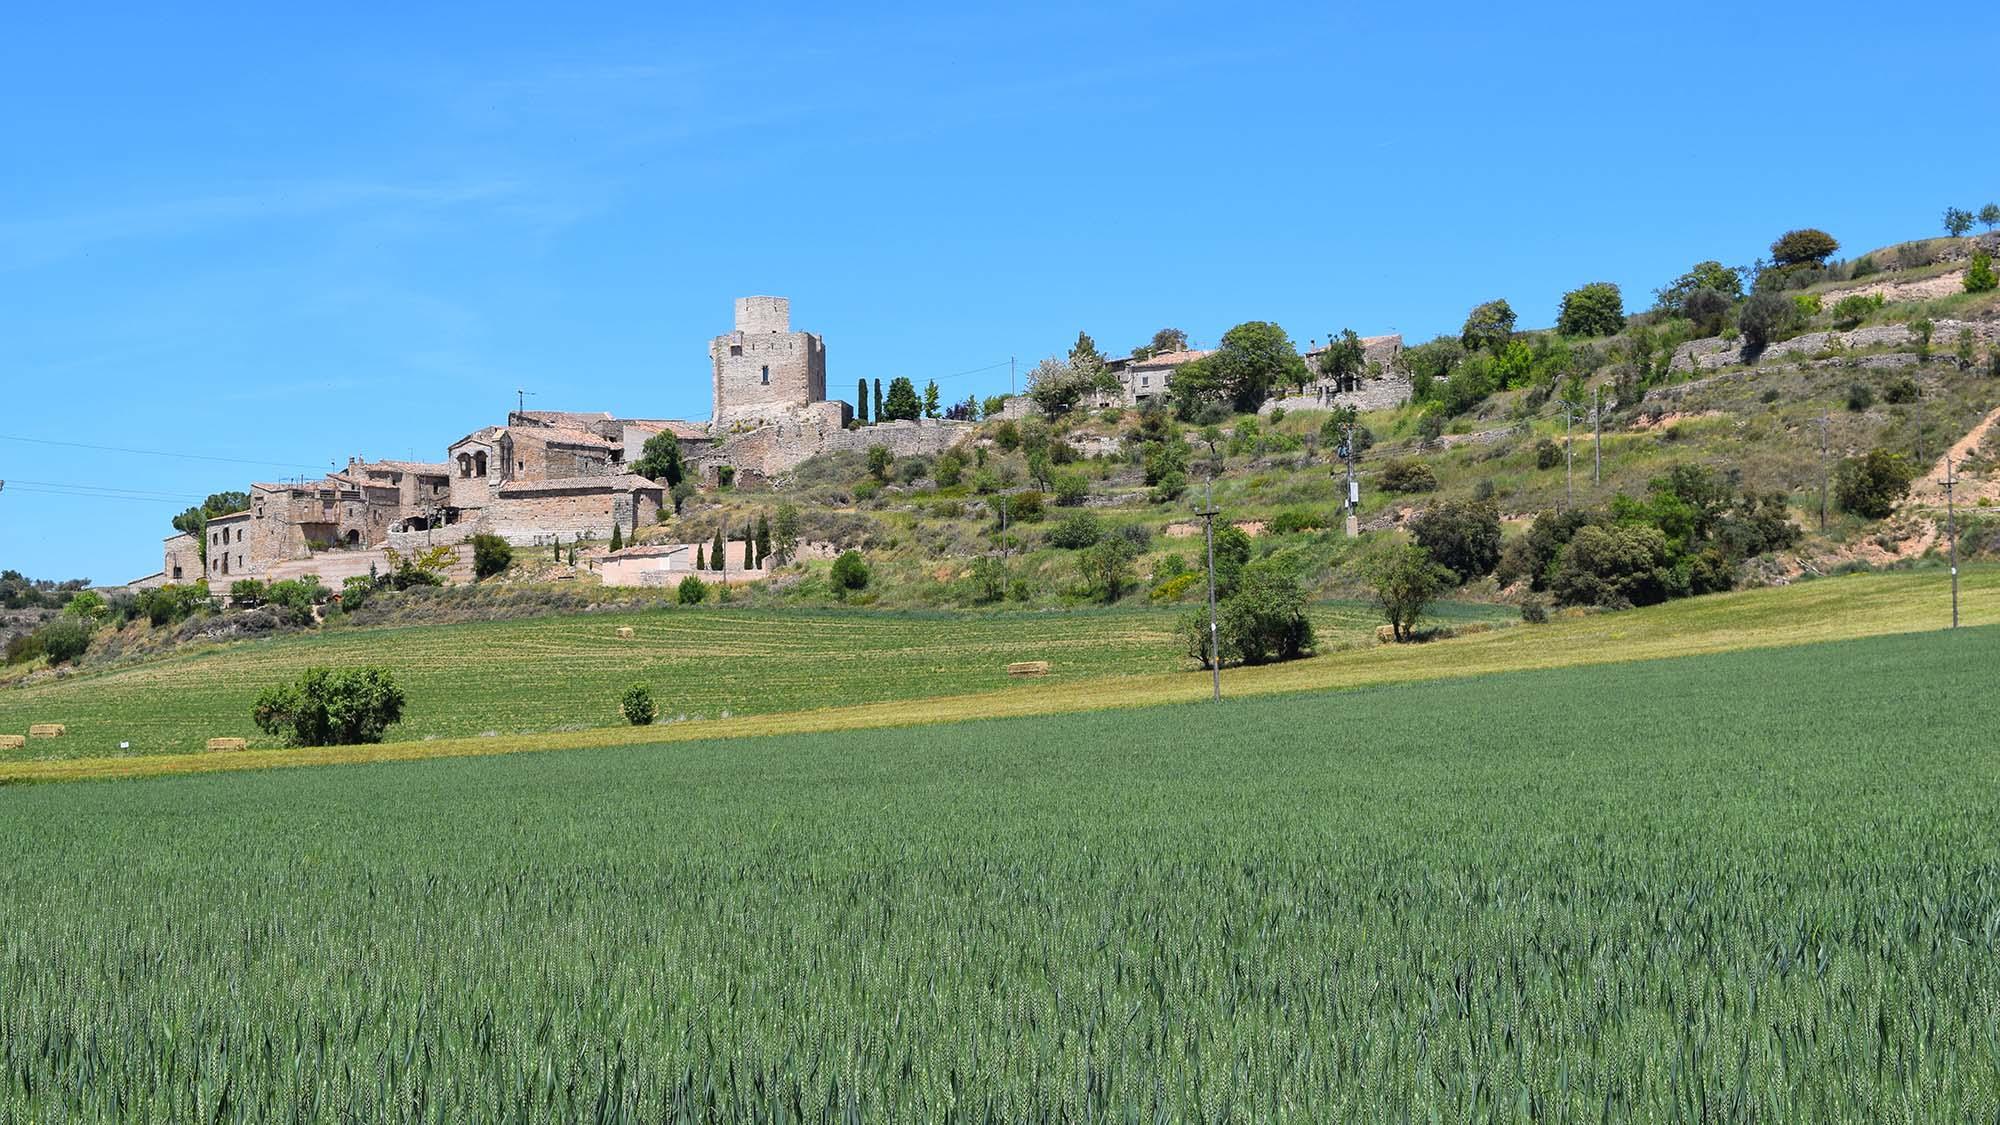 Sentier de randonnée pédestre Les Oluges - Malgrat - La Prenyanosa - Castellnou d'Oluges - Les Oluge